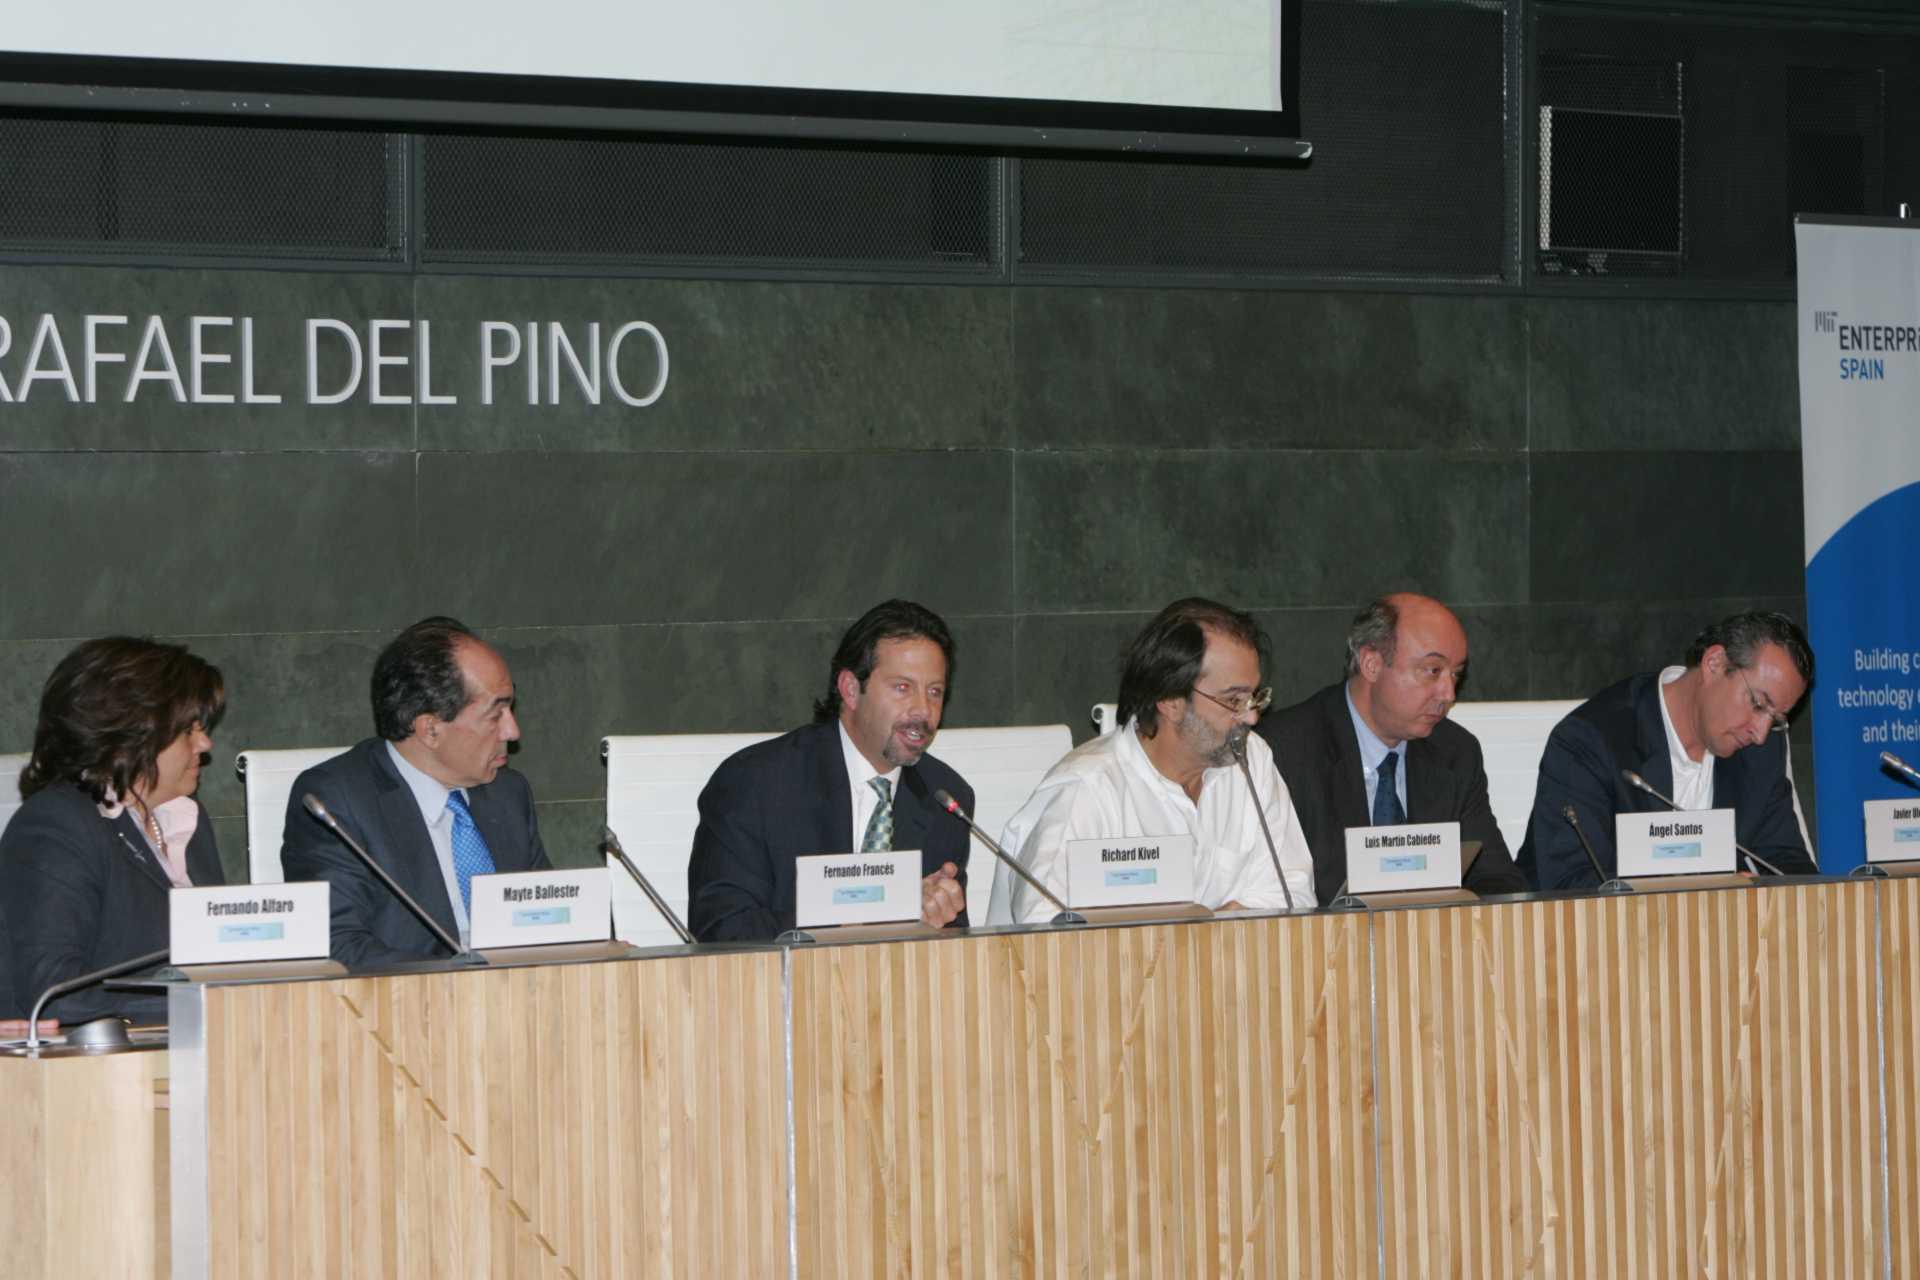 Presentación del capítulo español del MIT Enterprise Forum